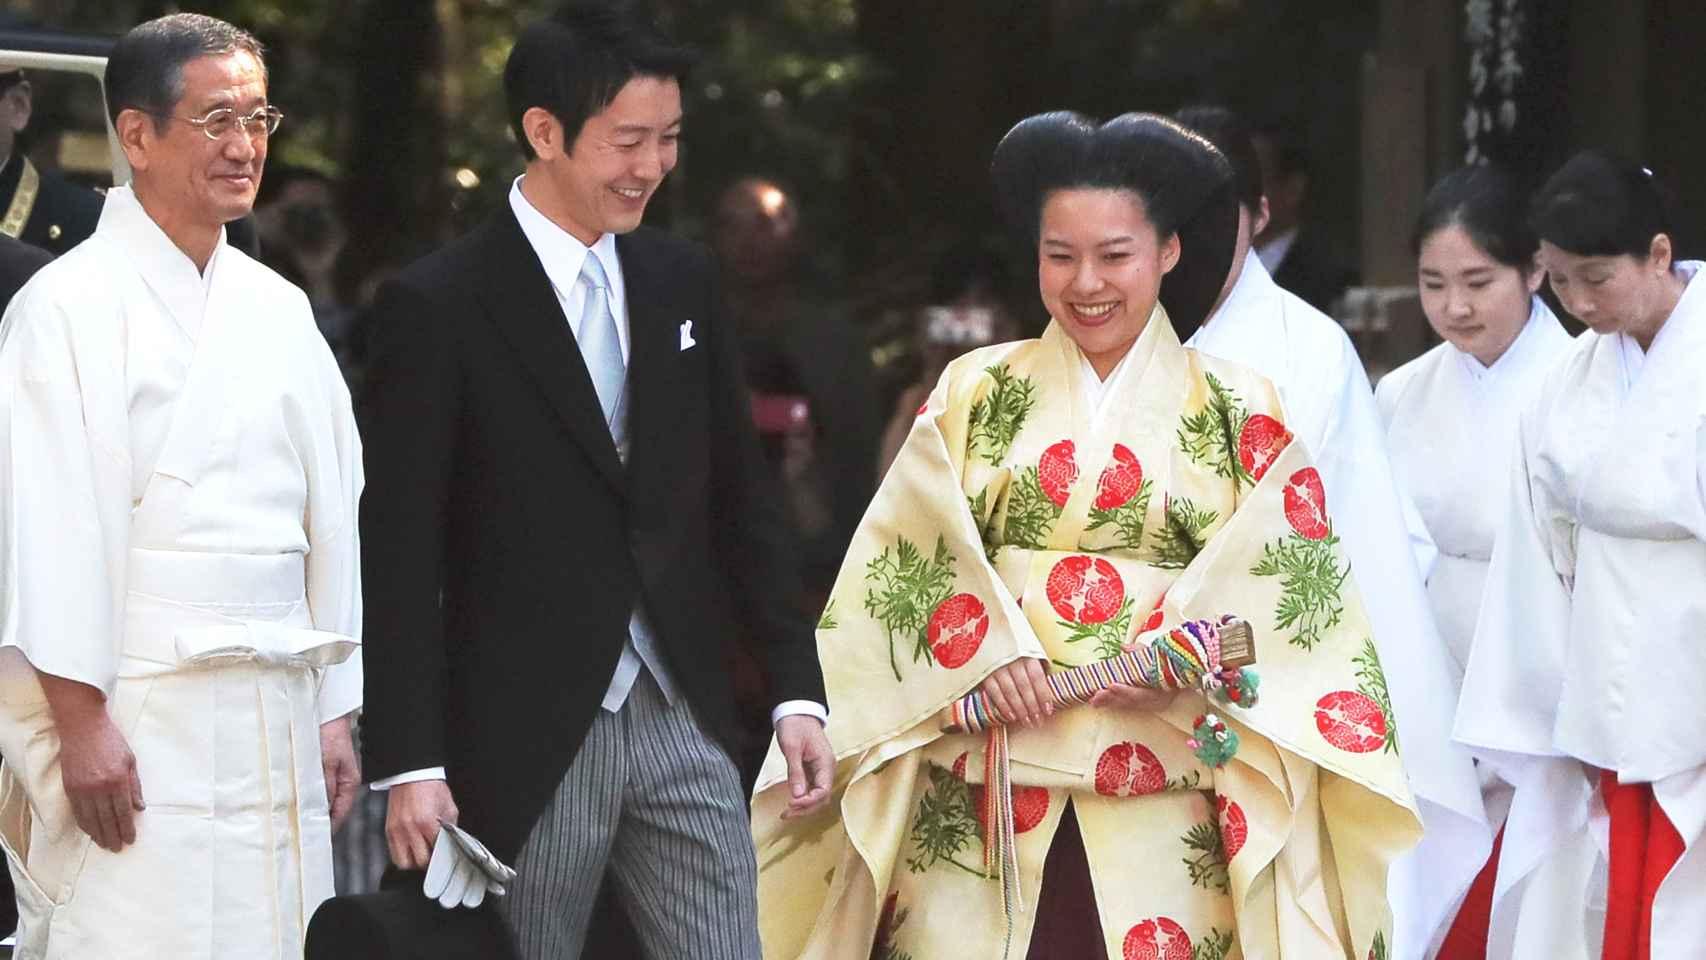 La boda de Ayako y  Kei Moriya, en imágenes